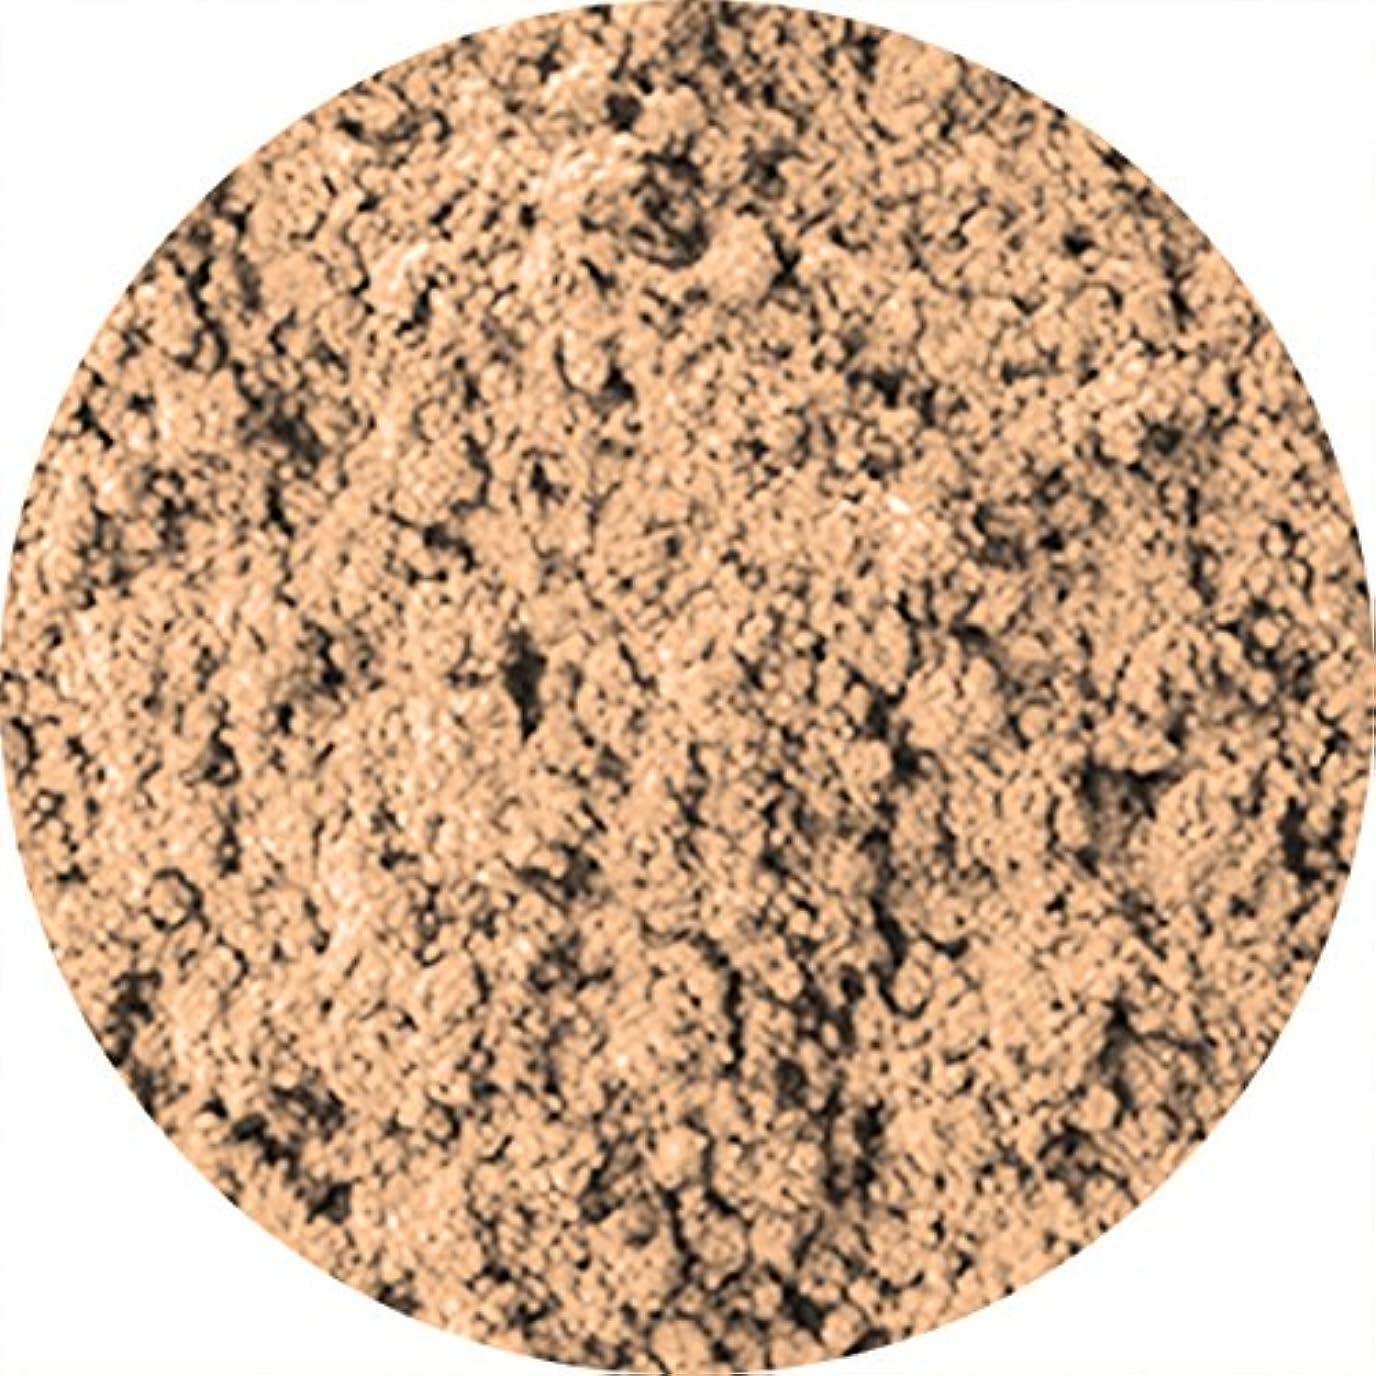 密接にアクセシブルナイロングローミネラルズグロールースベース(パウダーファンデーション) - Natural Medium 0.37oz